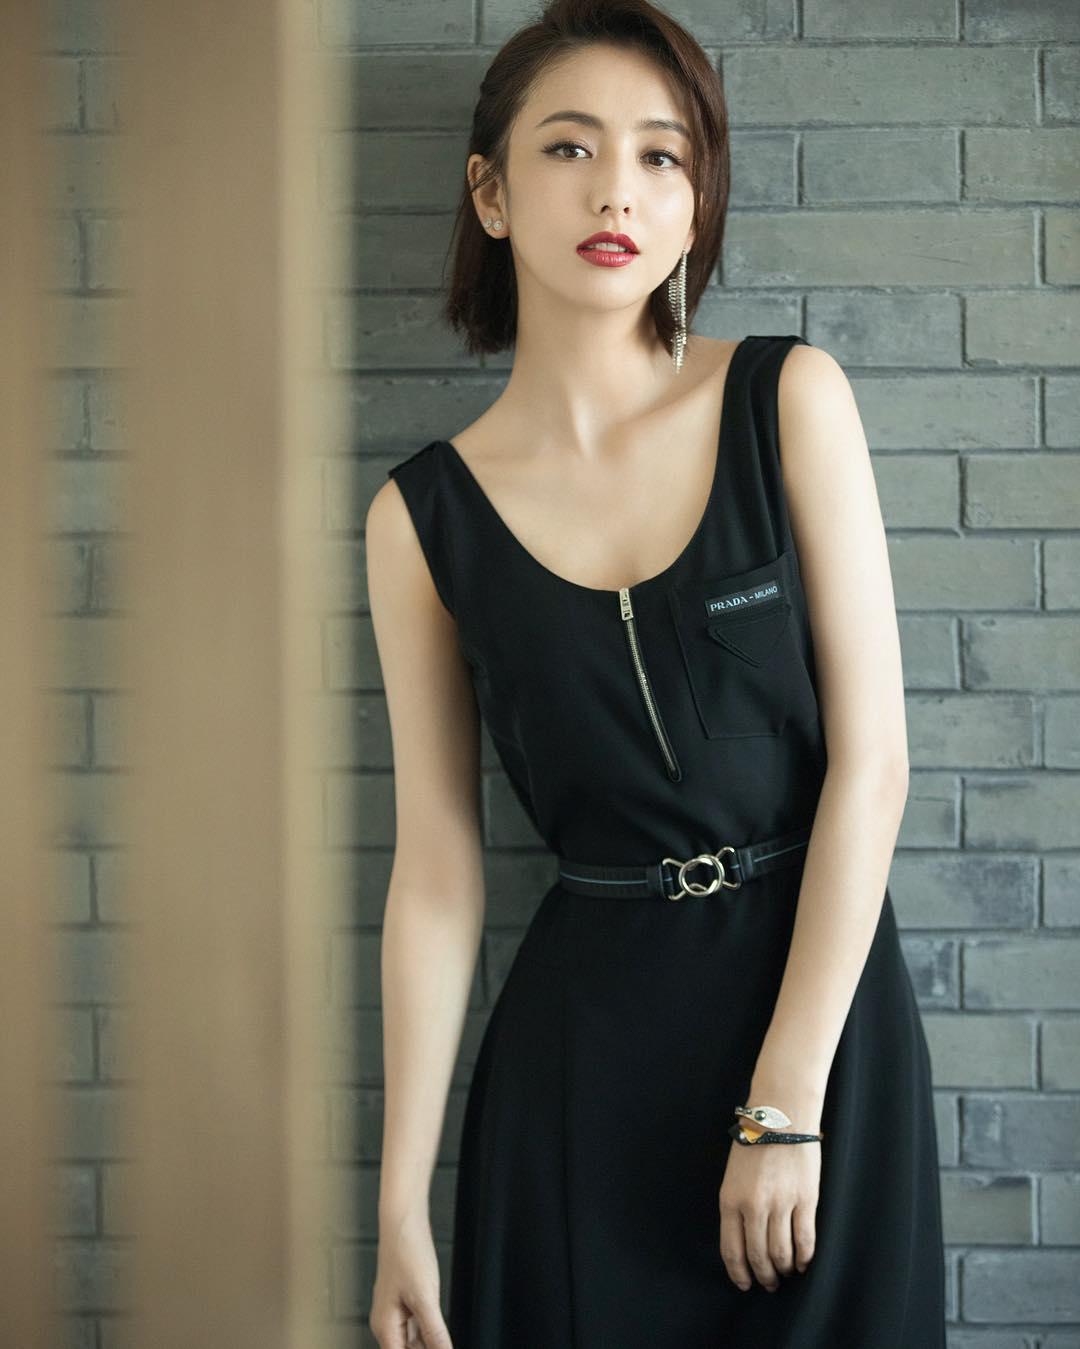 mỹ nhân tân cương - đồng lệ á vô cùng xinh đẹp với váy đen